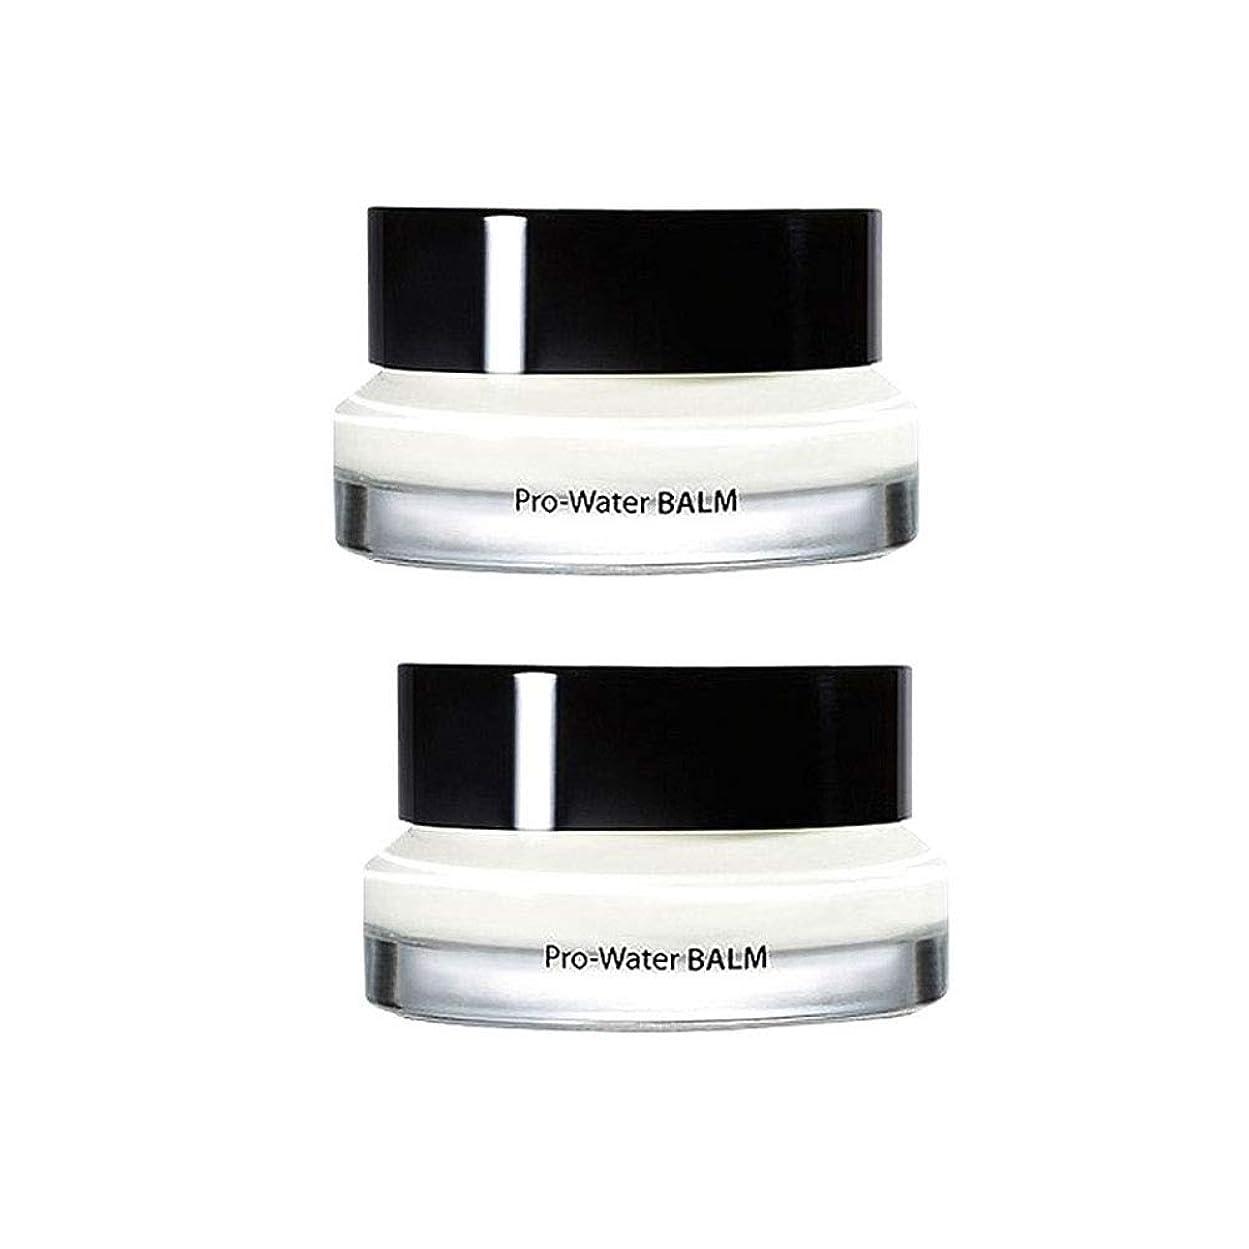 違反する丈夫警官ルナプロウォーターbalm 50mlx2本セット韓国コスメ、Luna Pro-Water Balm 50ml x 2ea Set Korean Cosmetics [並行輸入品]